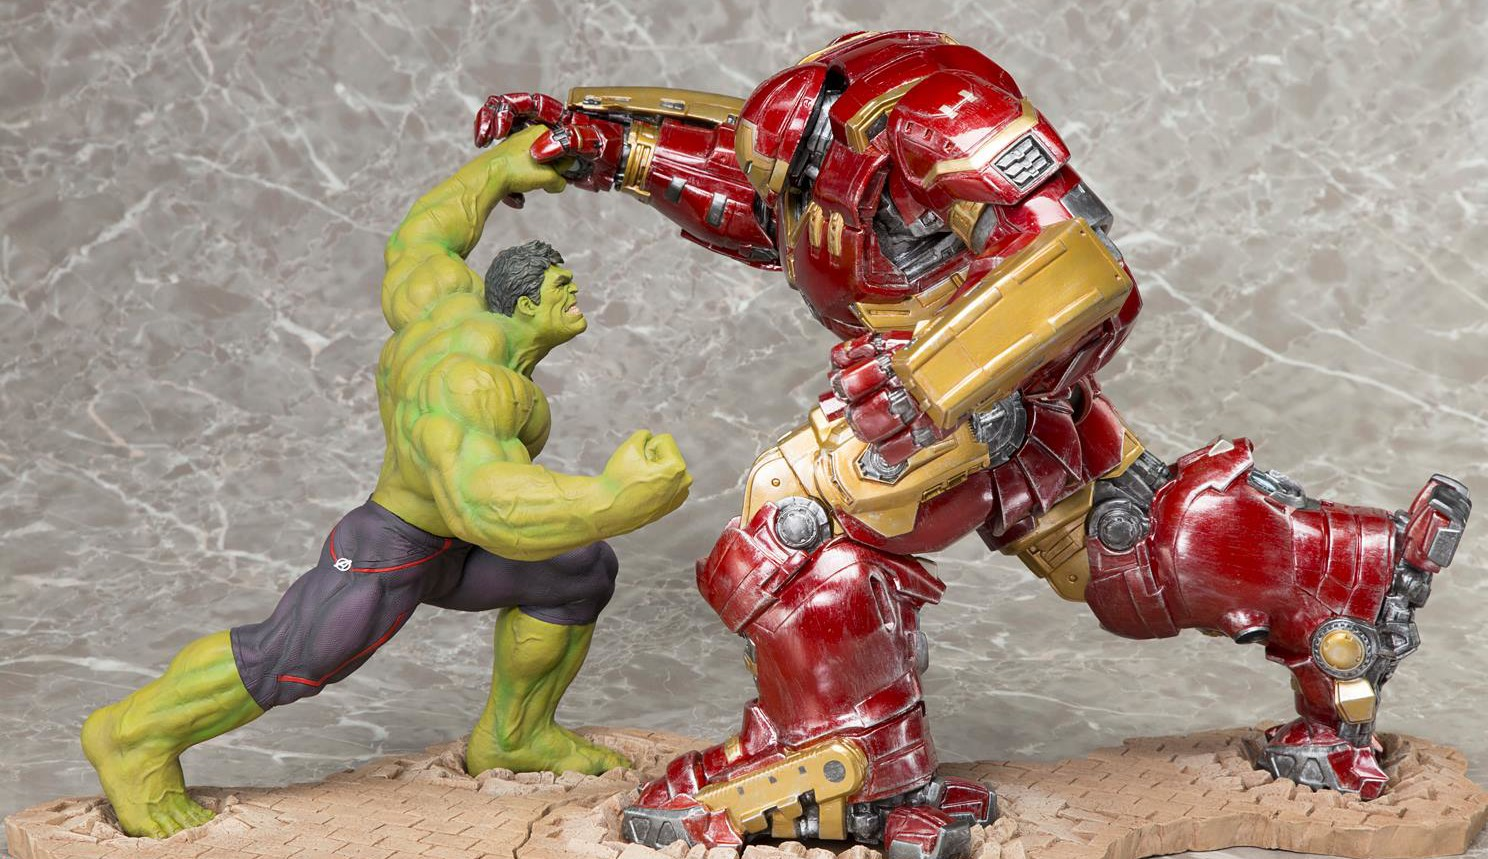 lego hulkbuster vs hulk - photo #34